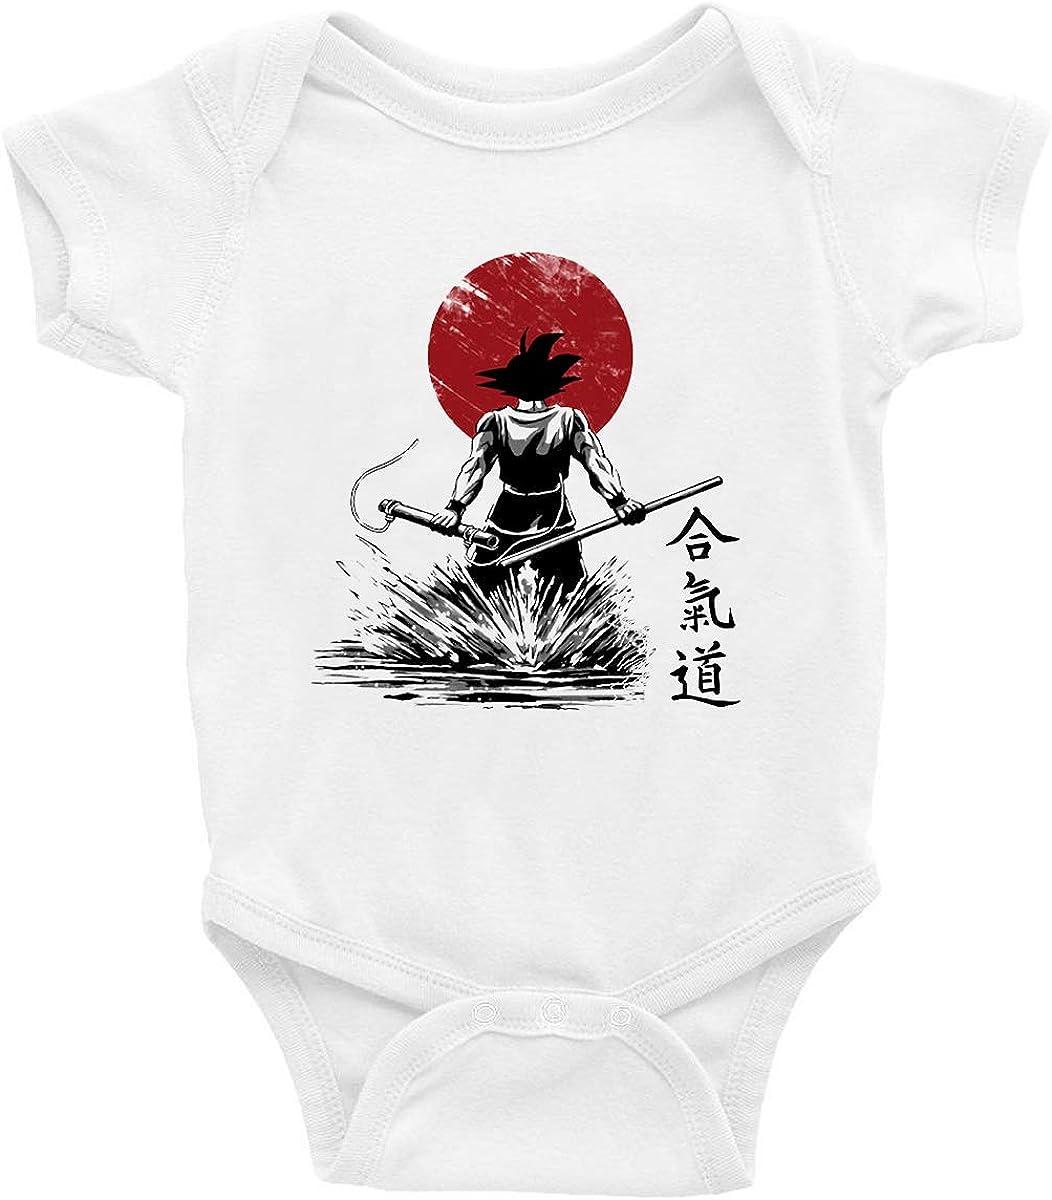 Taglie da 0 Mesi Goku Idea Regalo Super Sayan Tutina t-shirteria Body Neonato Dragonball Pagliaccetto